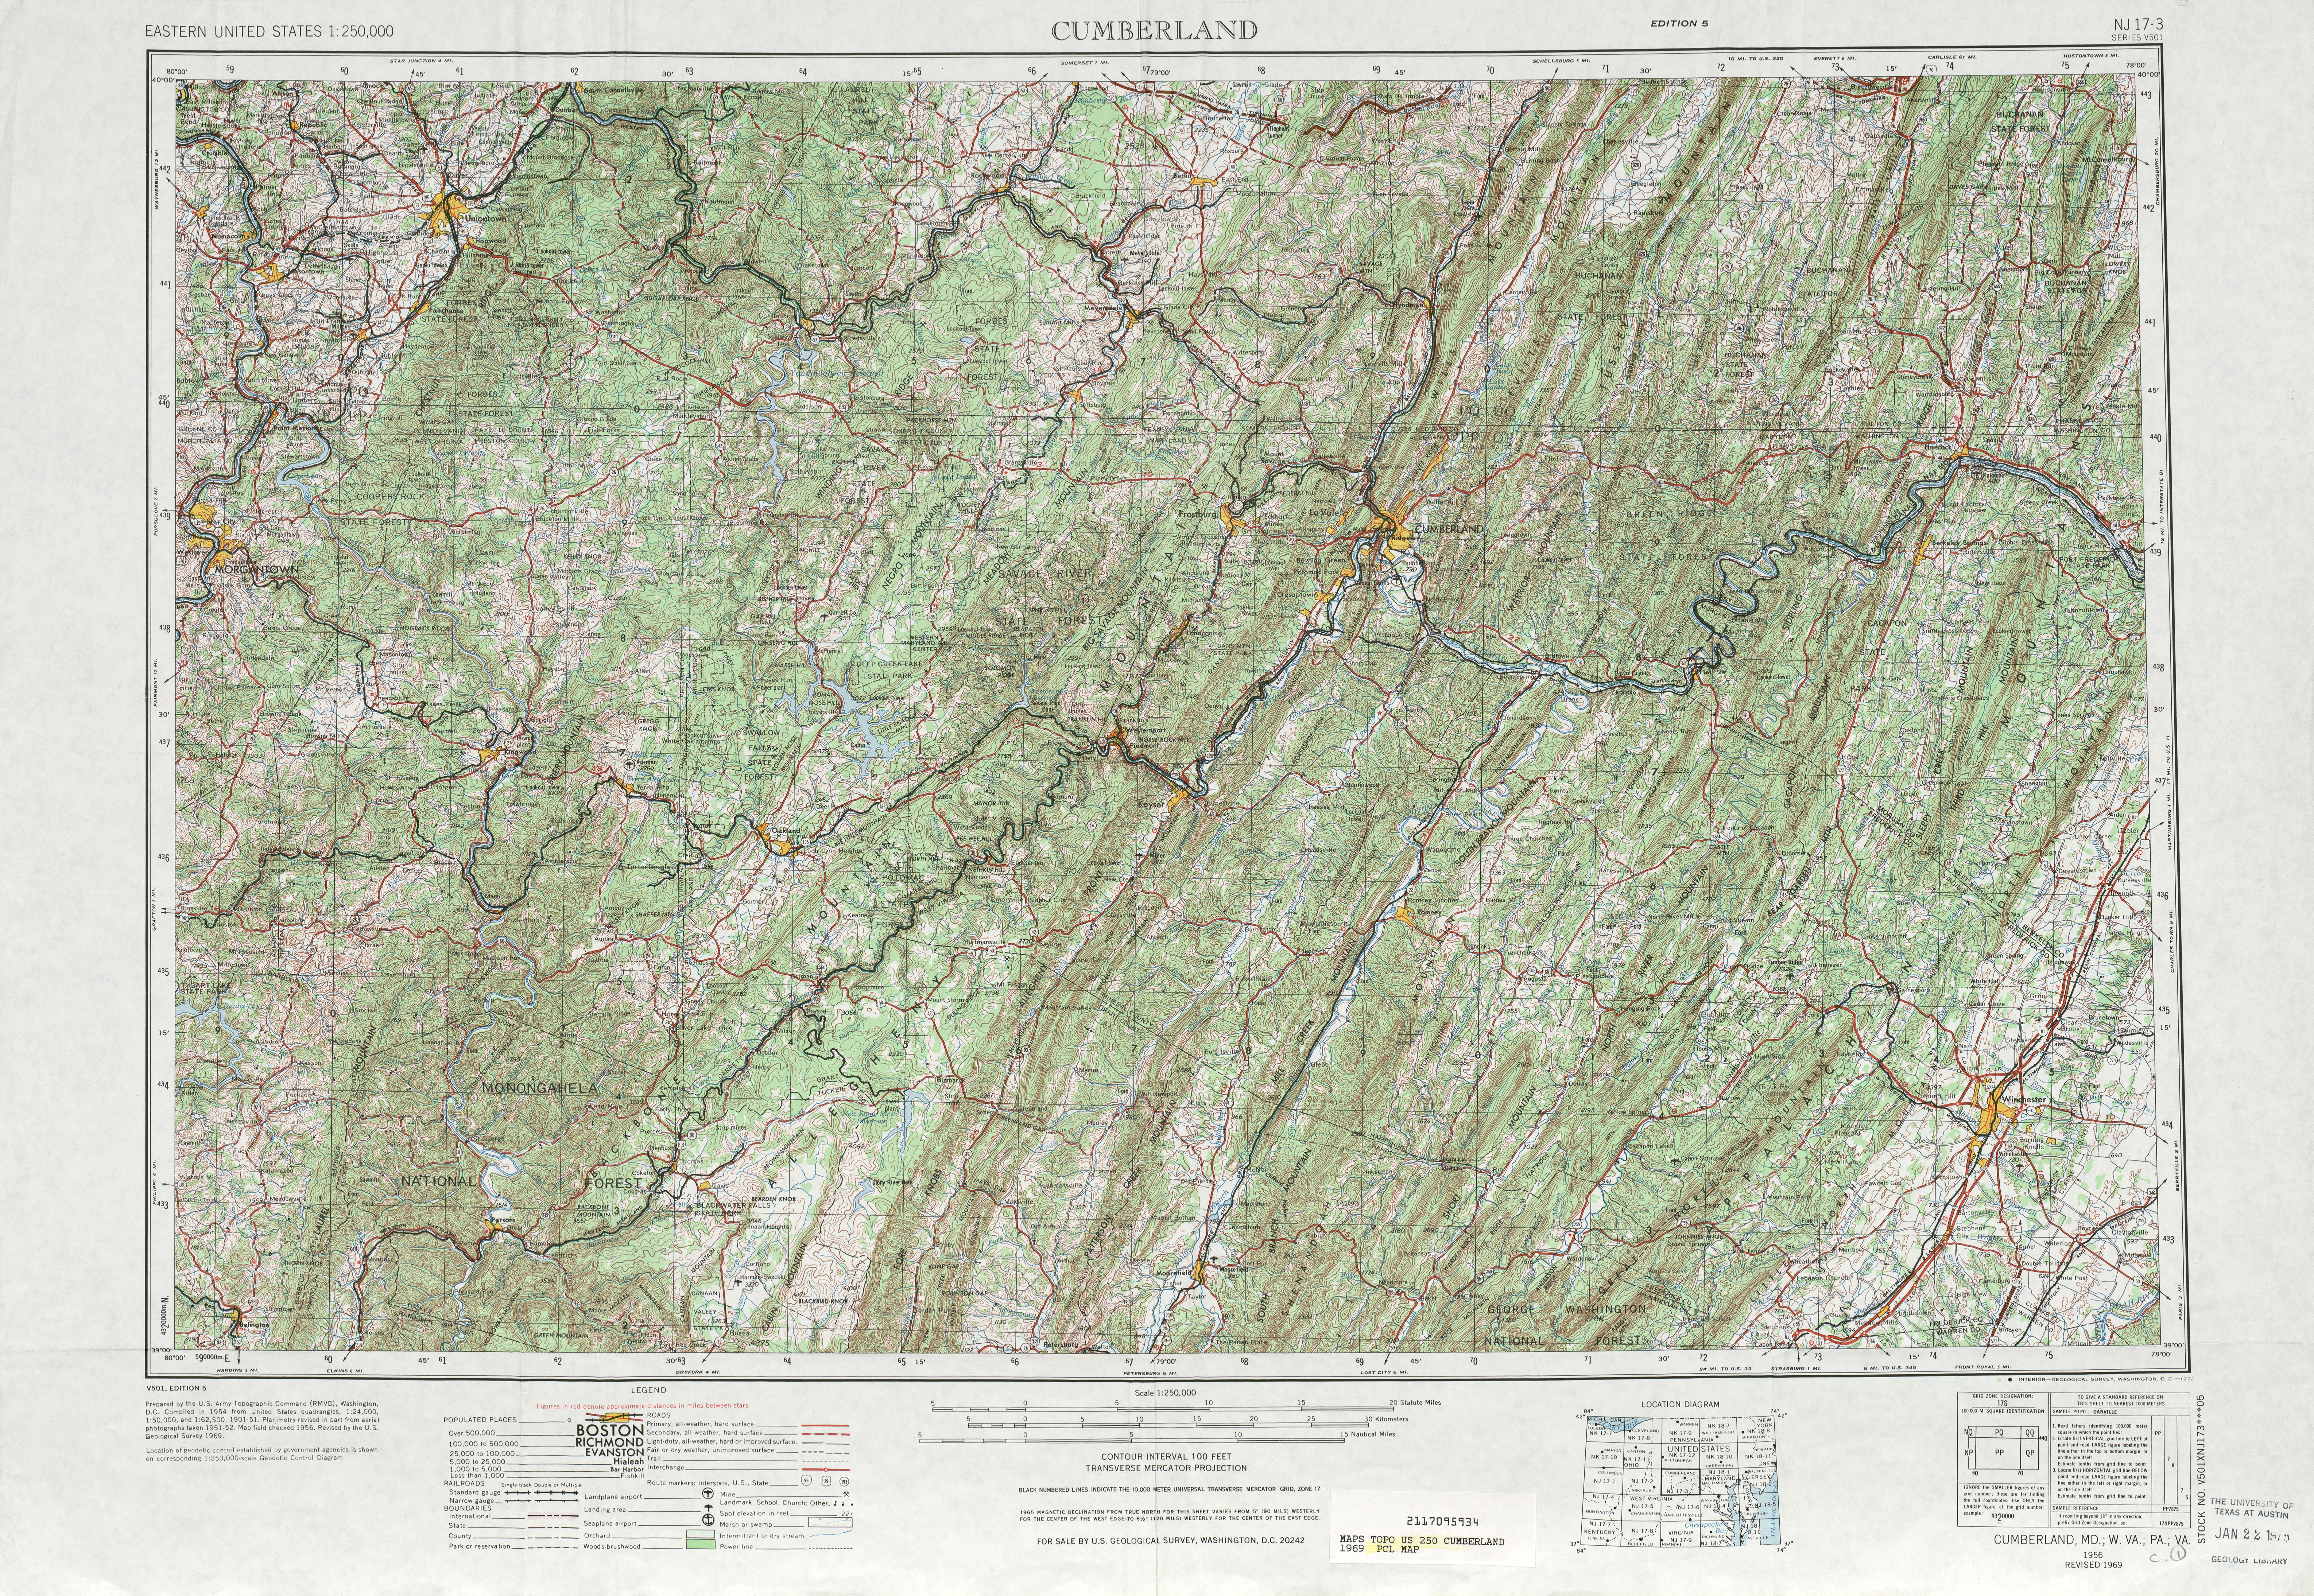 Hoja Cumberland del Mapa Topográfico de los Estados Unidos 1969